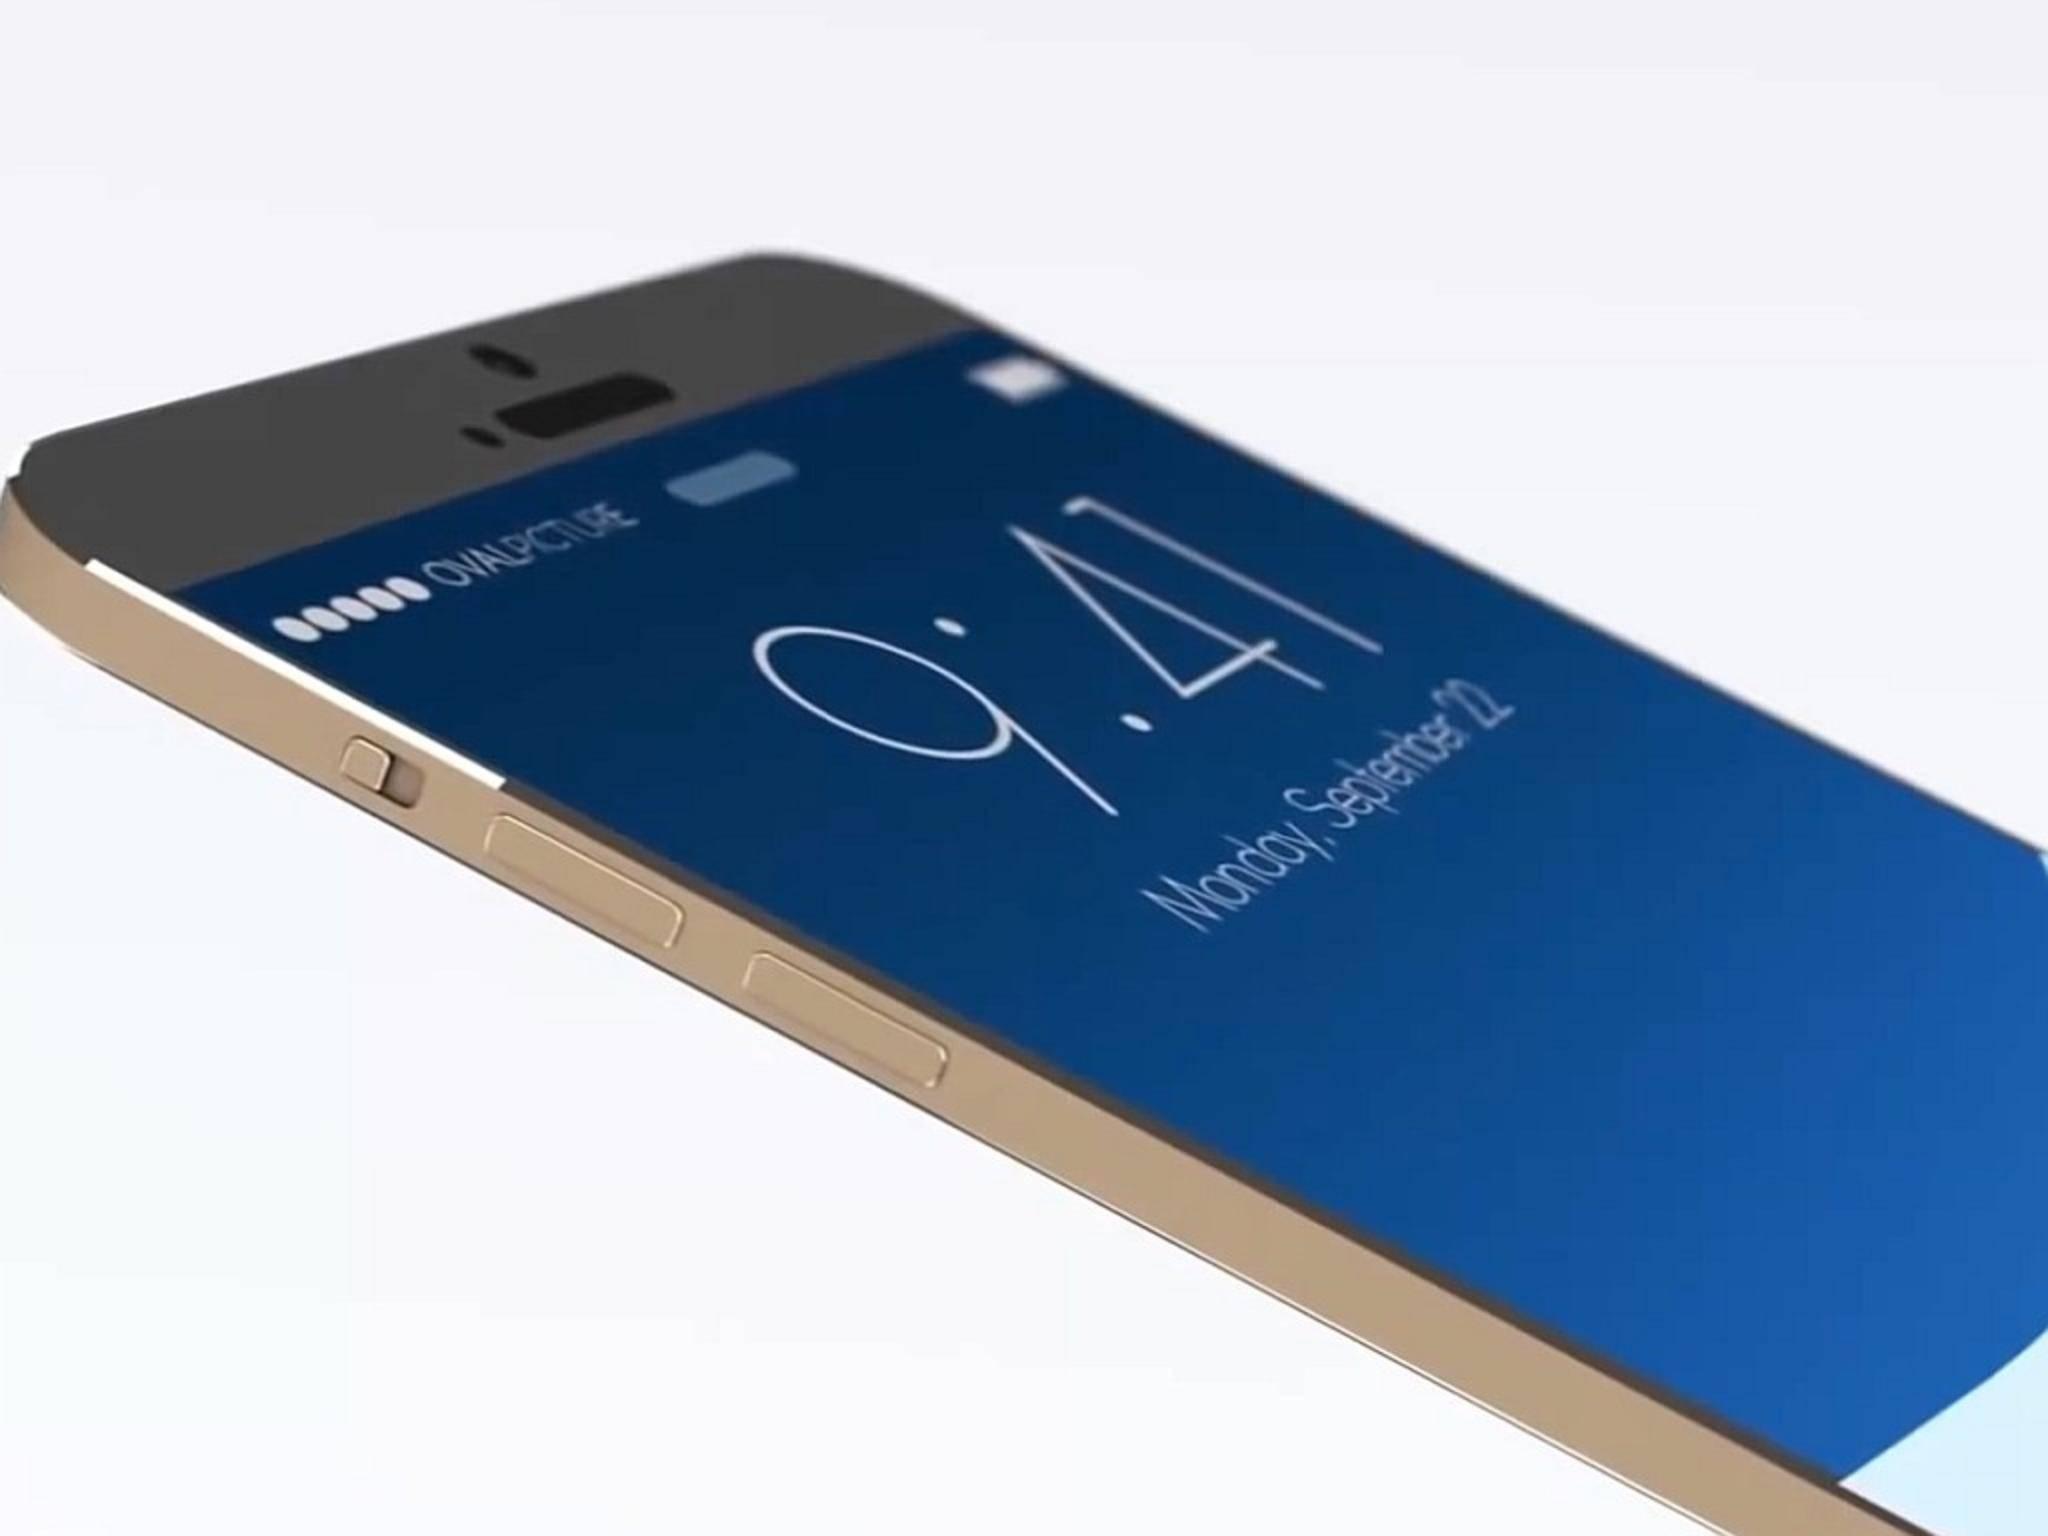 Beim iPhone 6 hat es nicht geklappt, womöglich bekommt aber das iPhone 7 ein Saphirglas-Display.